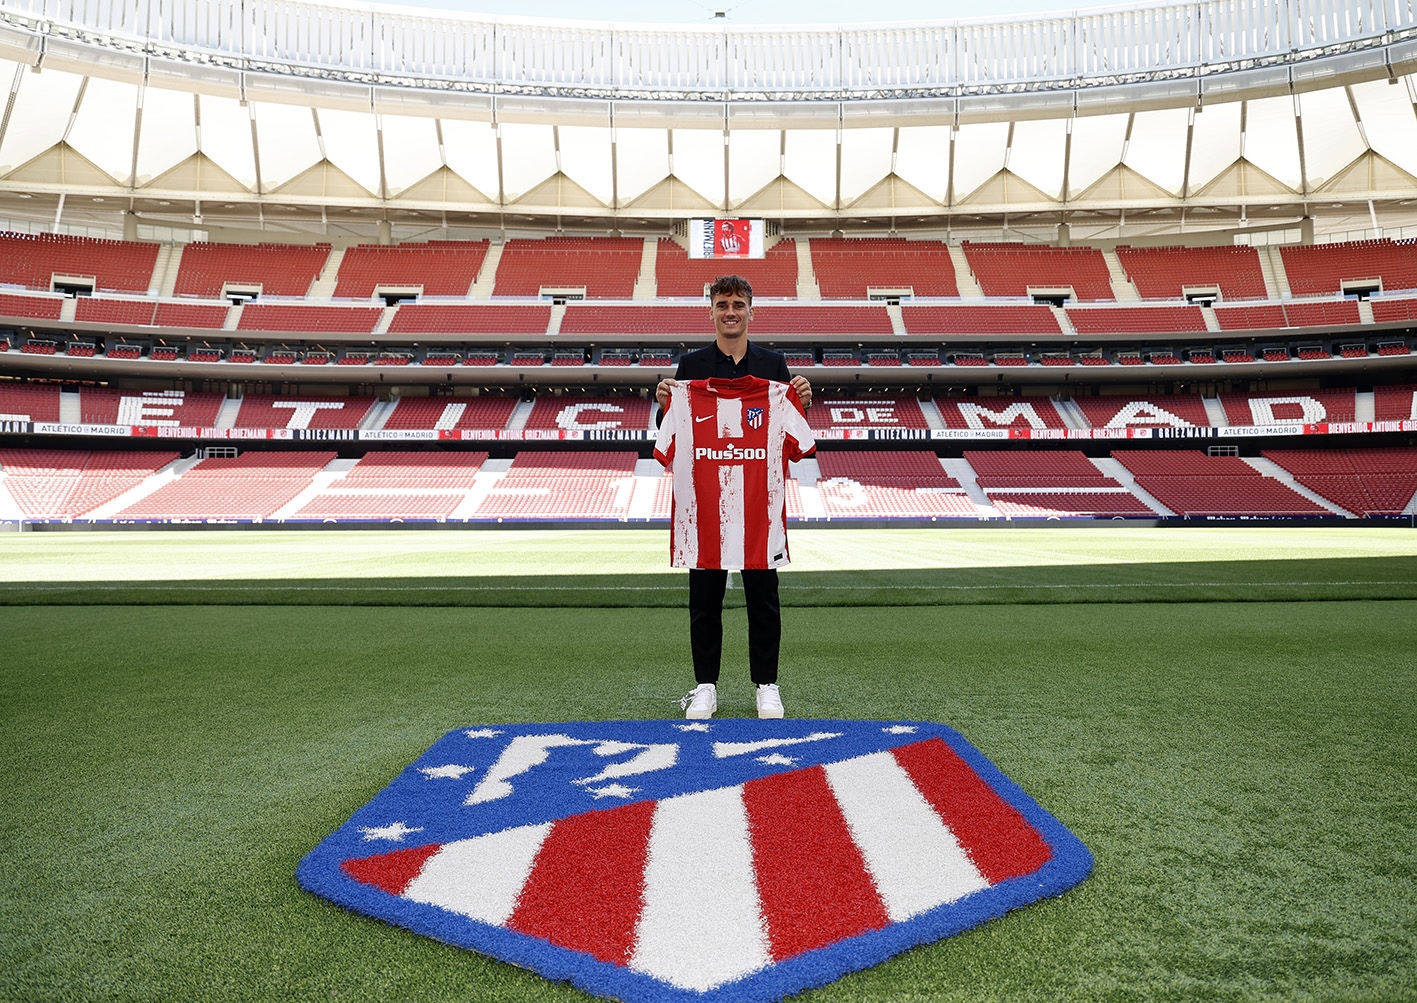 Çfarë do të vendosë Atletico Madrid për Griezmann?